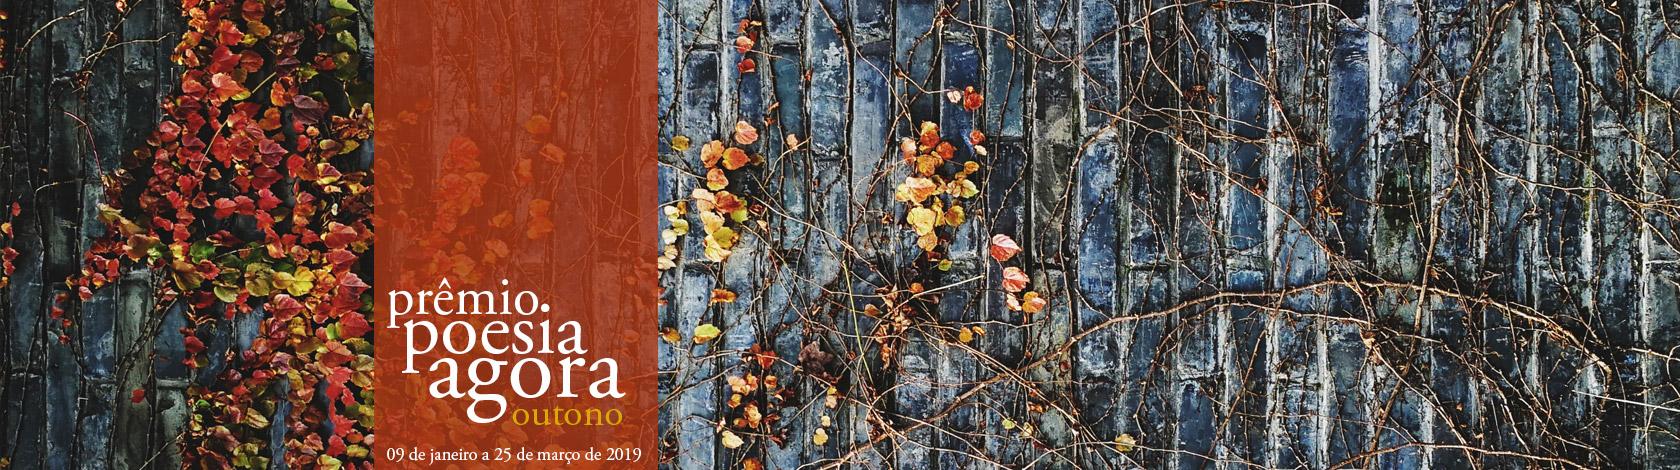 Prêmio Poesia Agora - Outono 2019